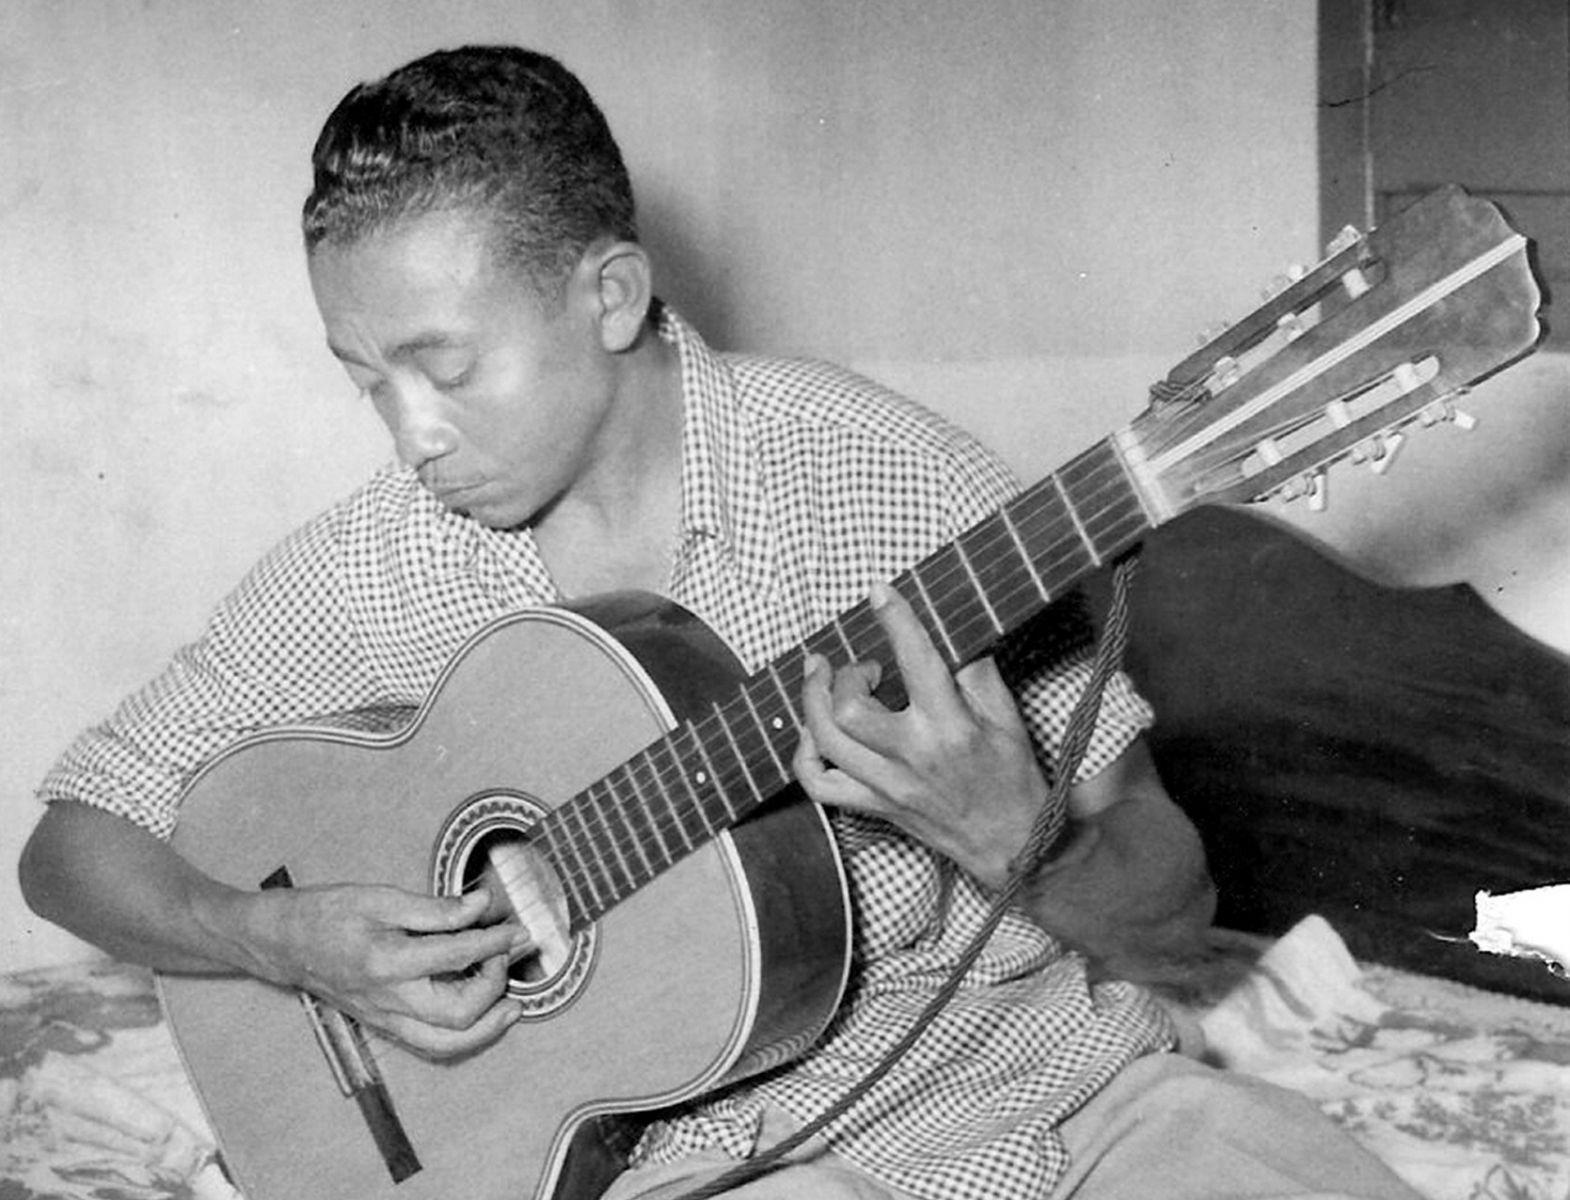 Jackson do Pandeiro ganha tributo em seu centenário no Sesc Santana - Jackson do Pandeiro - Museu de Arte Popular da Paraíba